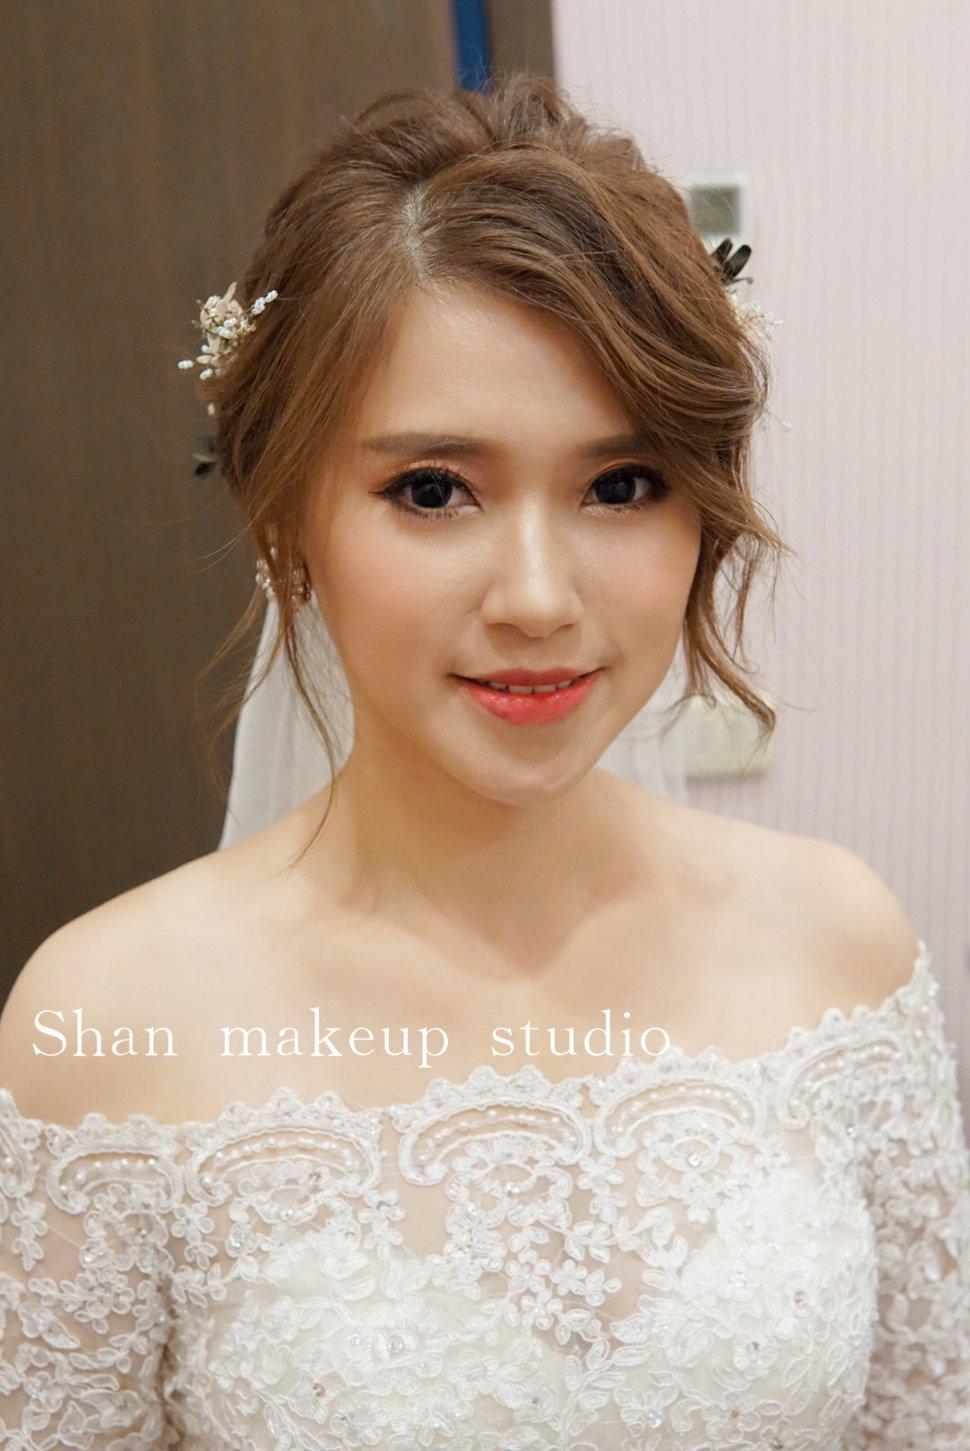 IMG_9557 - 湘翎Shan Makeup studio《結婚吧》